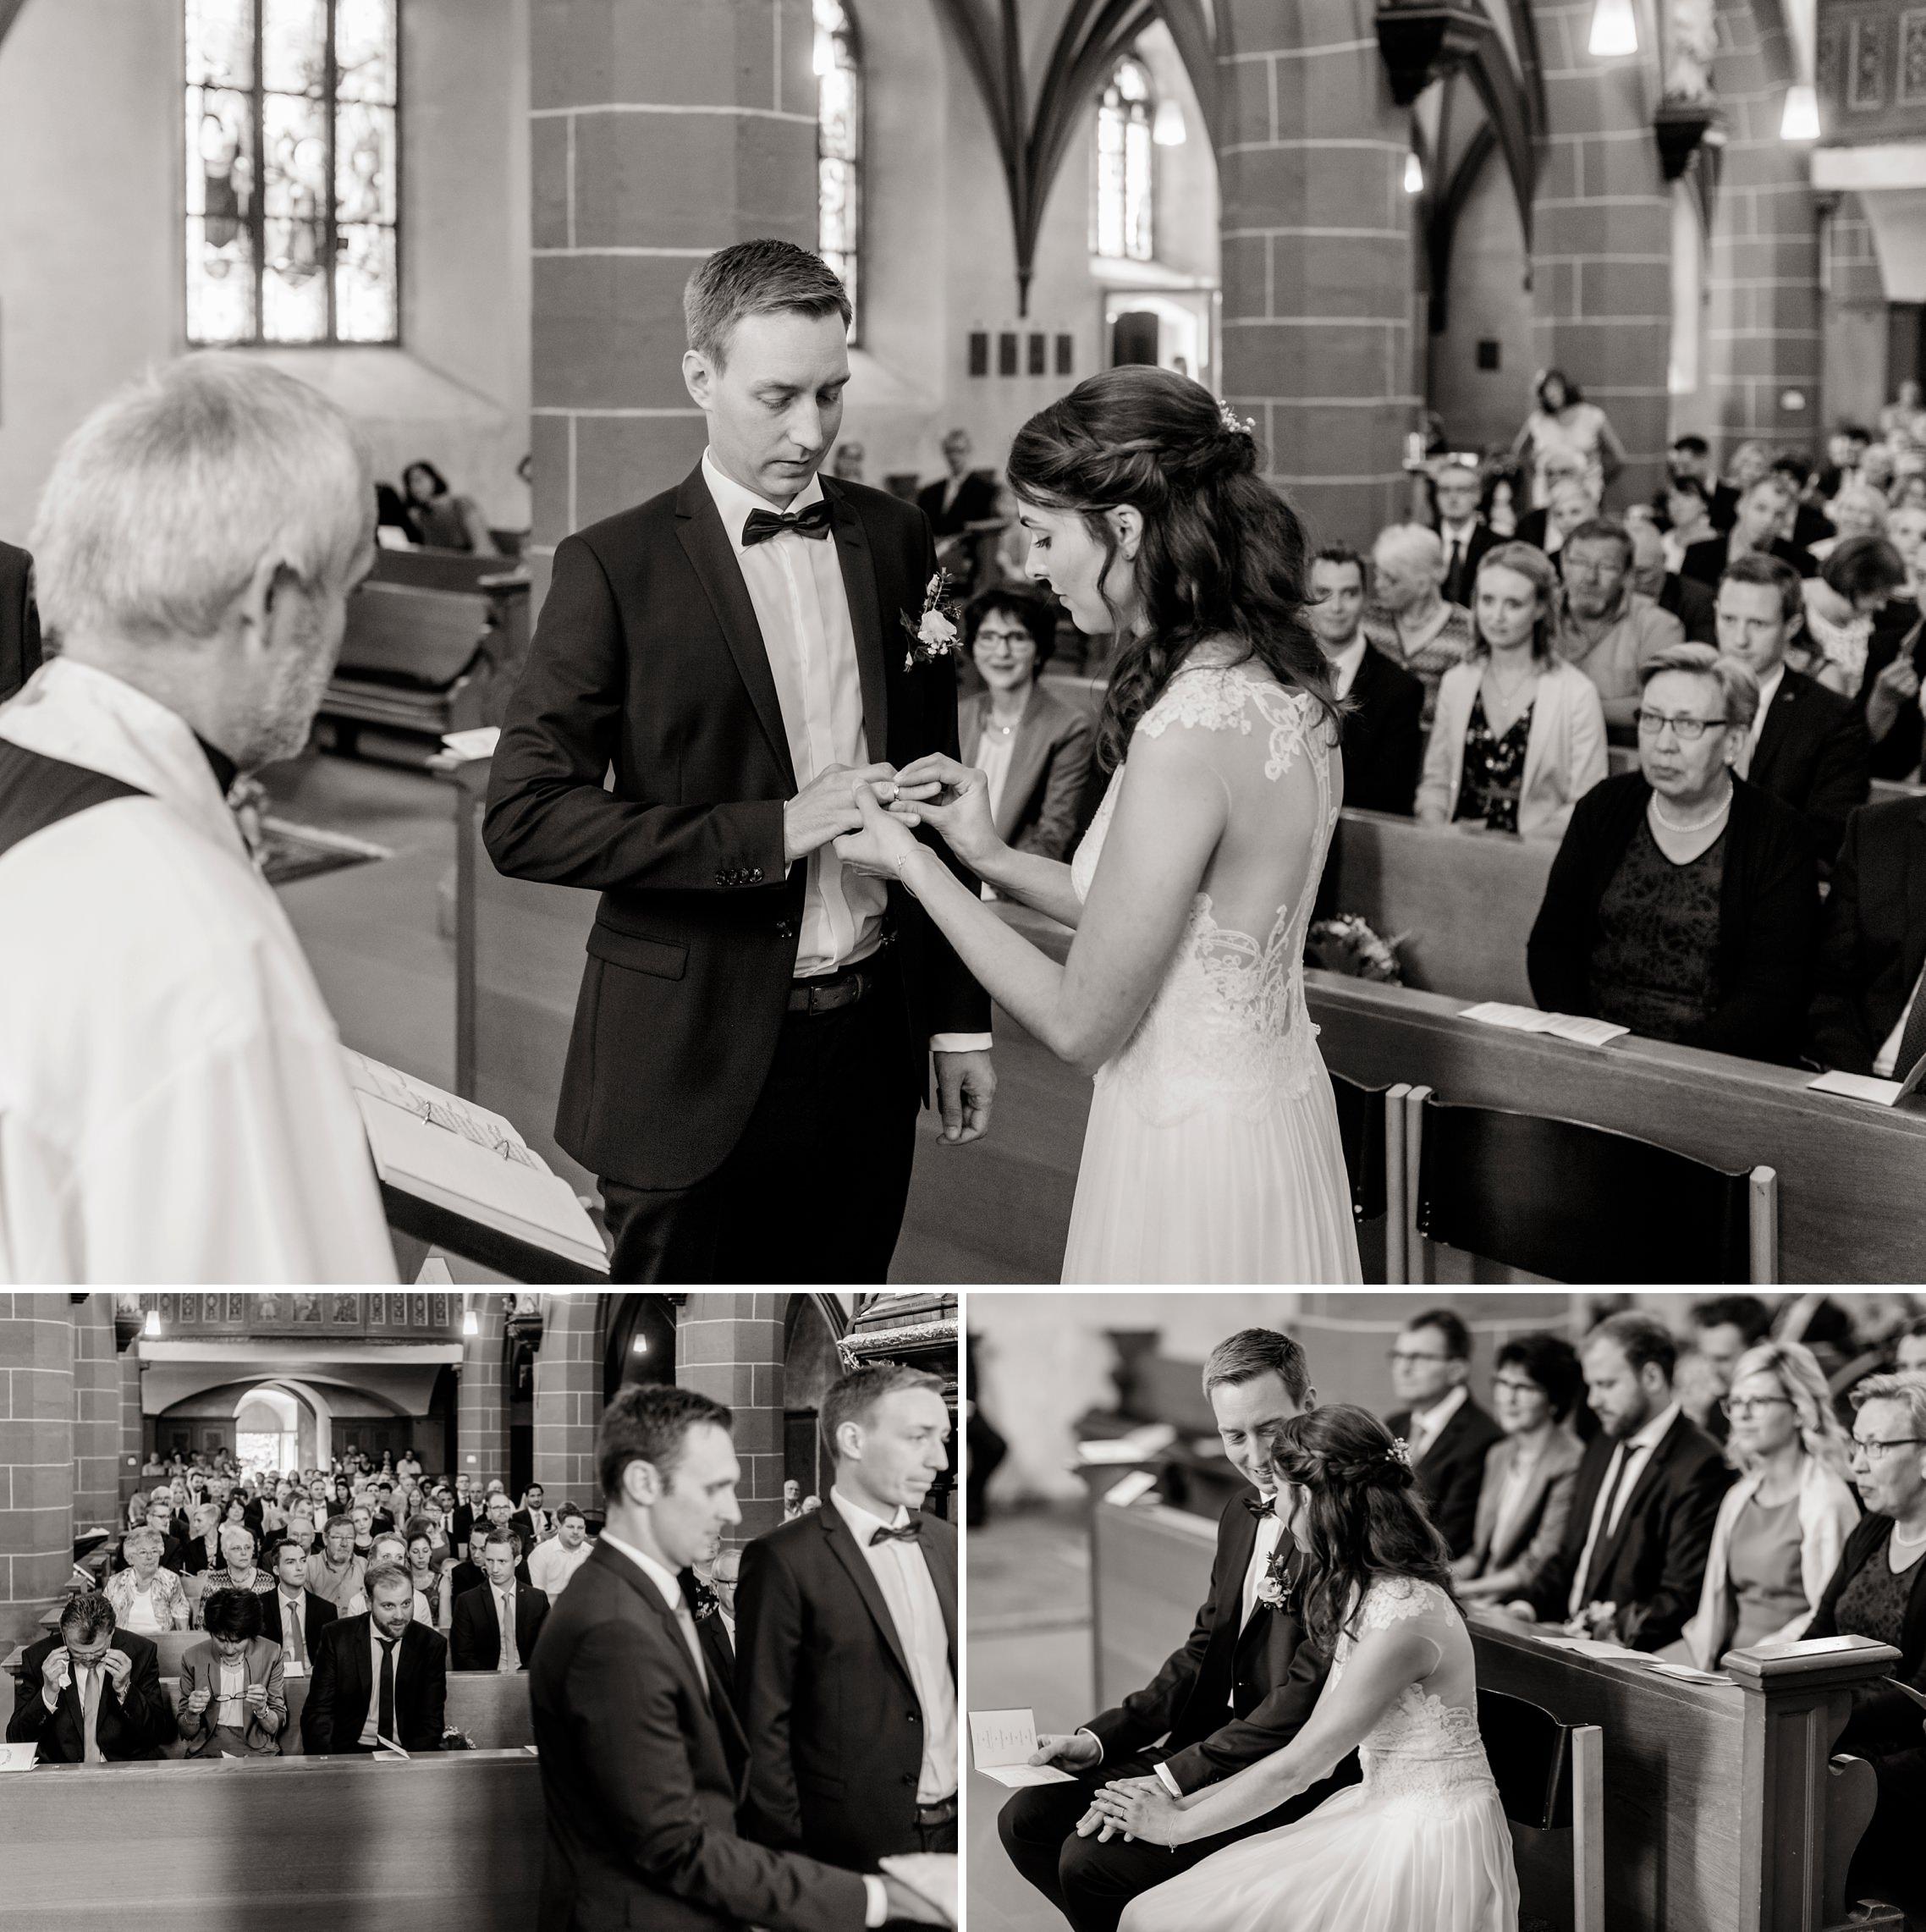 Schwarz-weiß-Bild des Ringetausches während des Traugottesdienstes in der katholischen Kirche in Erbach. Im Hintergrund trocknen die Eltern ihre Tränen.